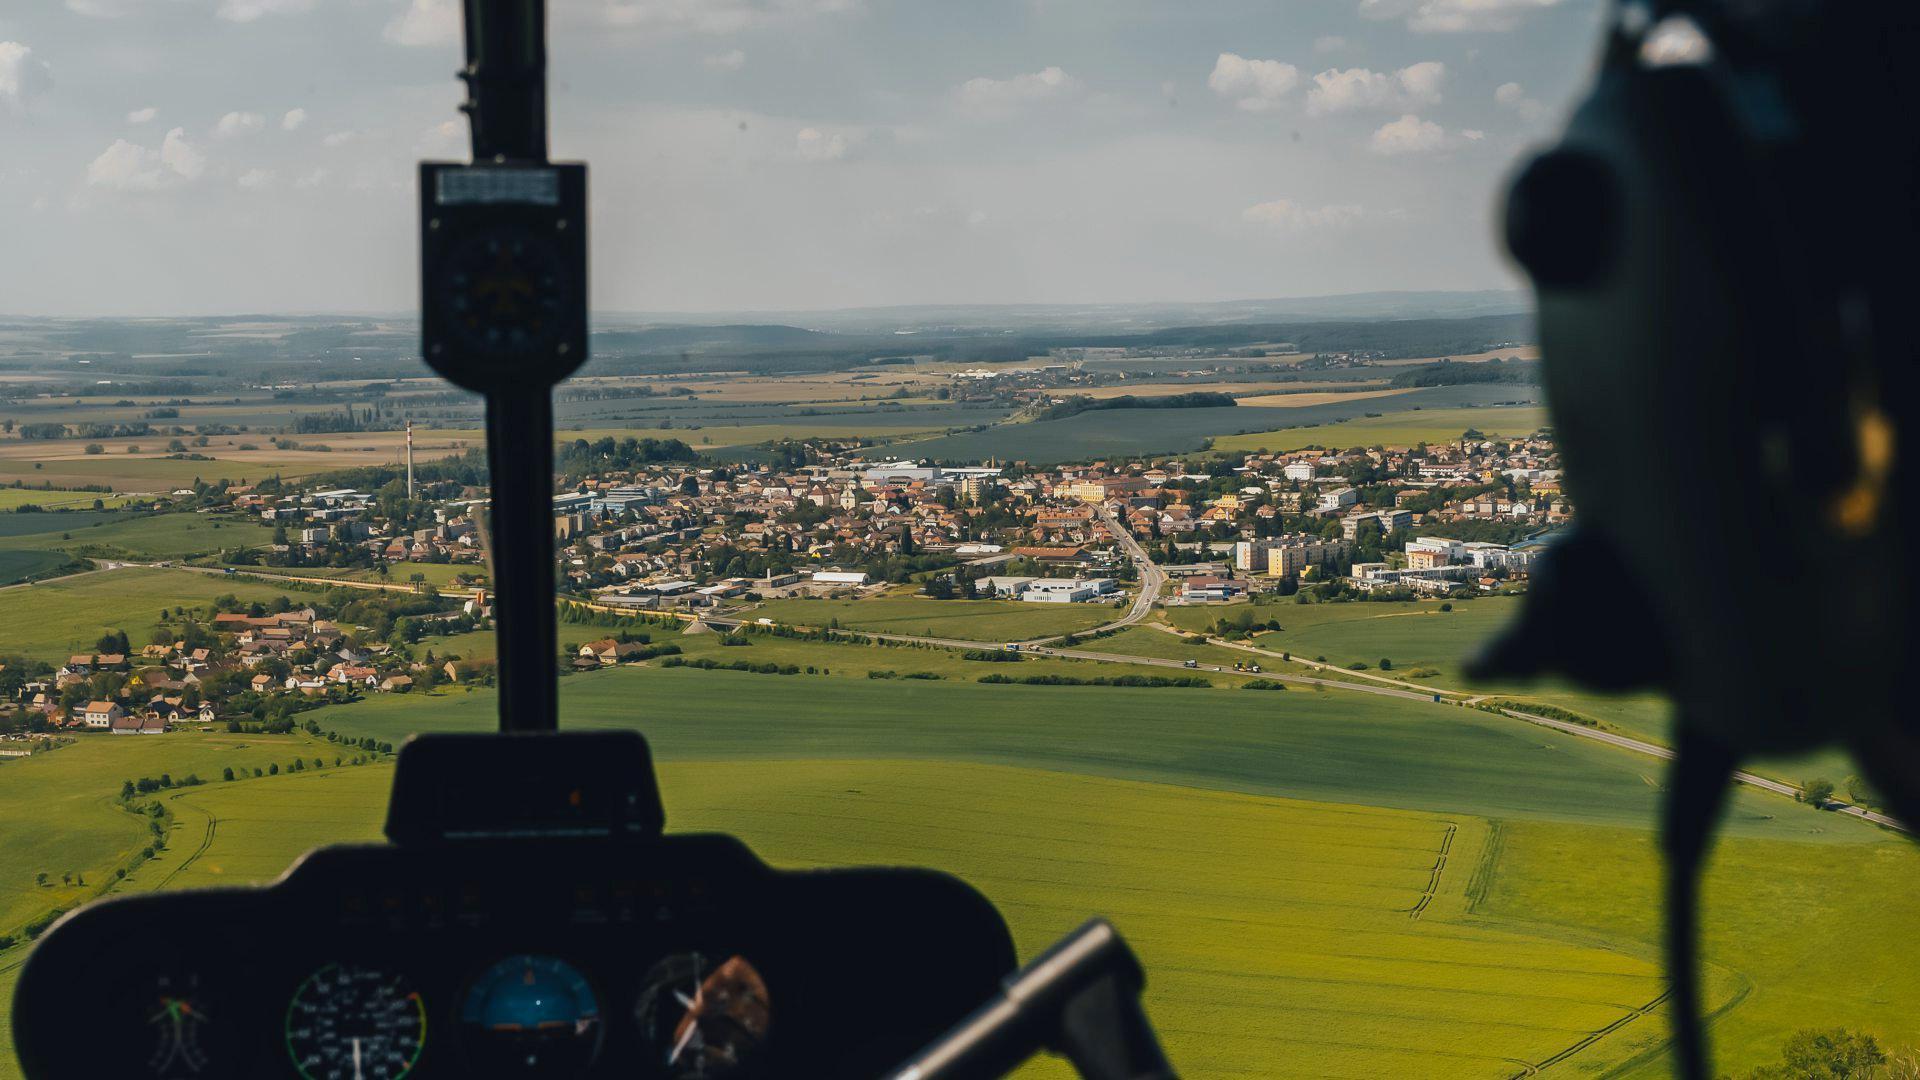 TRUTNOV - Let vrtulníkem 18.07.2020